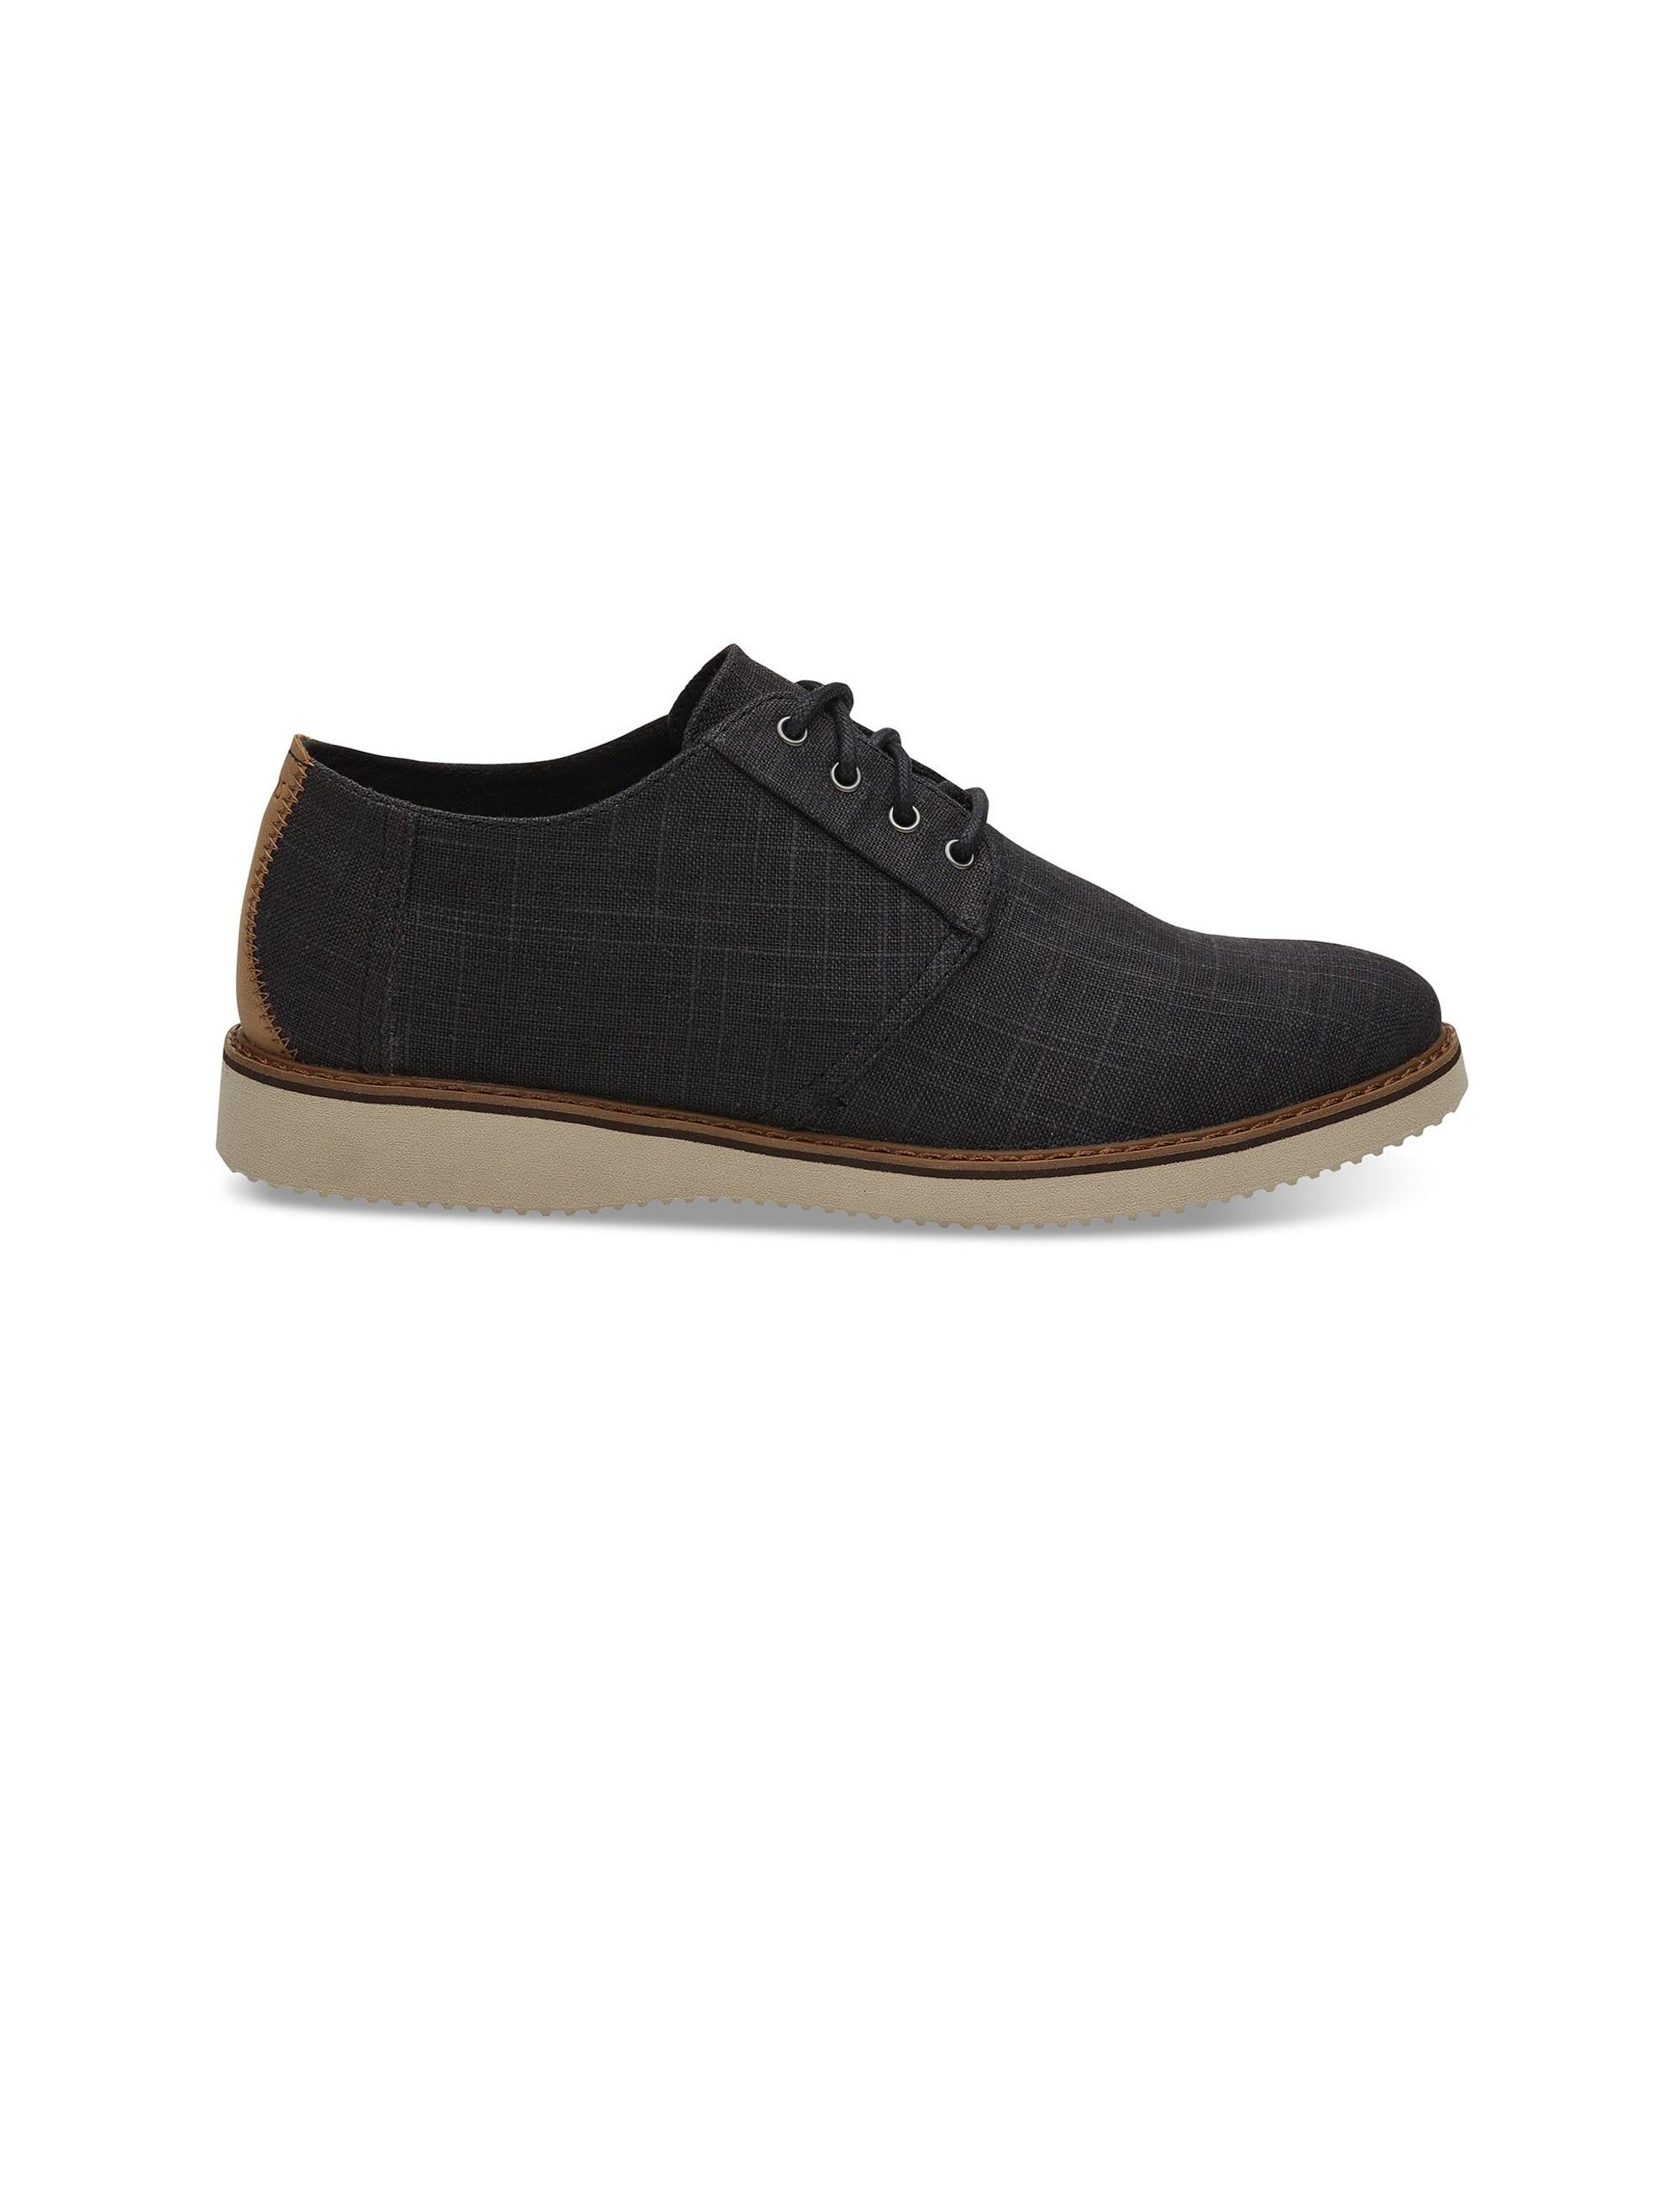 کفش اداری پارچه ای مردانه Preston Dress - مشکي - 1